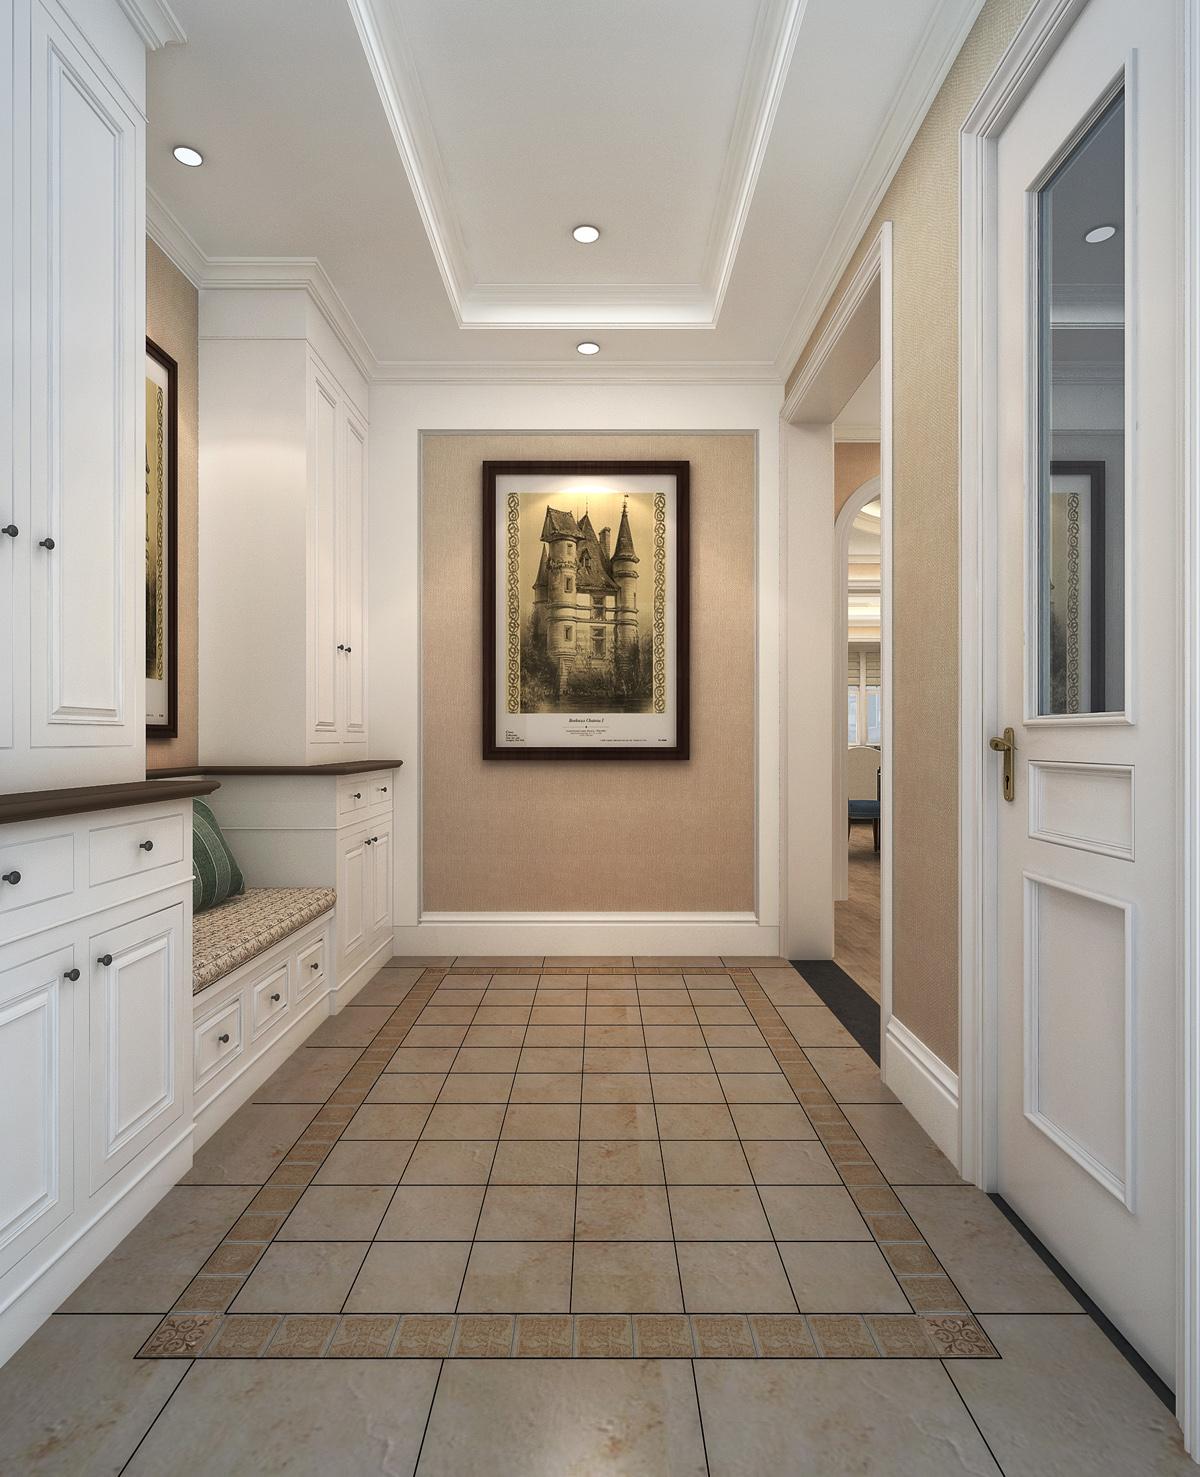 简约 美式 别墅 玄关图片来自轻舟装饰-90后的华仔在亚运新新家园-480平米-简美风格的分享